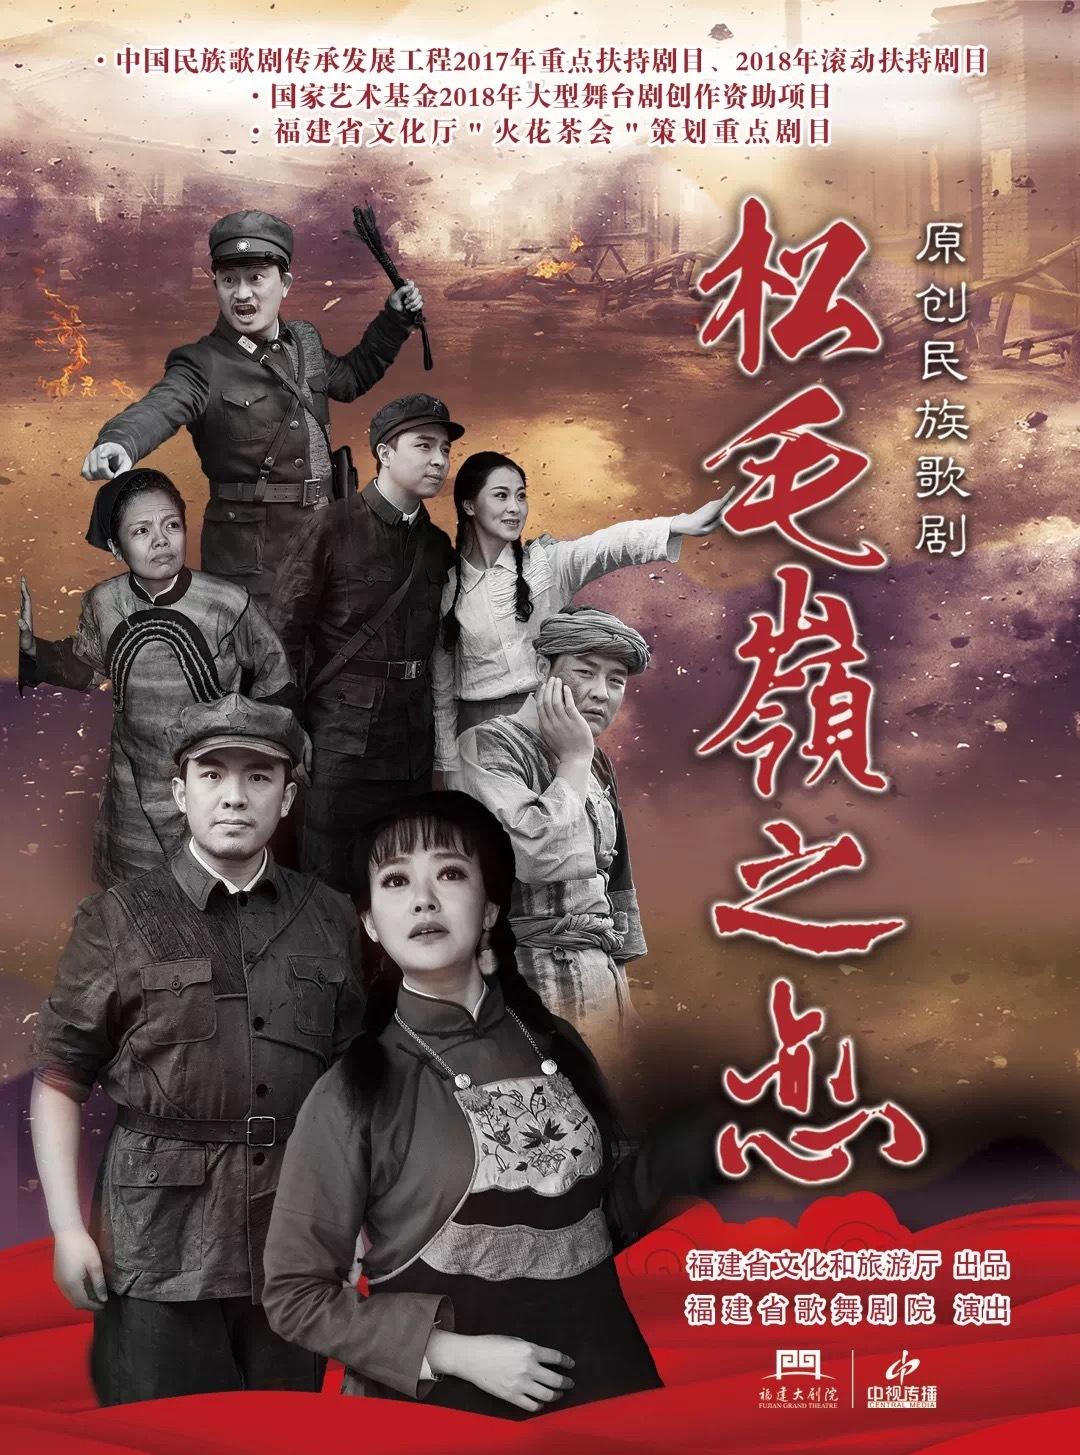 福建省歌舞剧院原创歌剧《松毛岭之恋》评论文章《用真情抒写历史》大